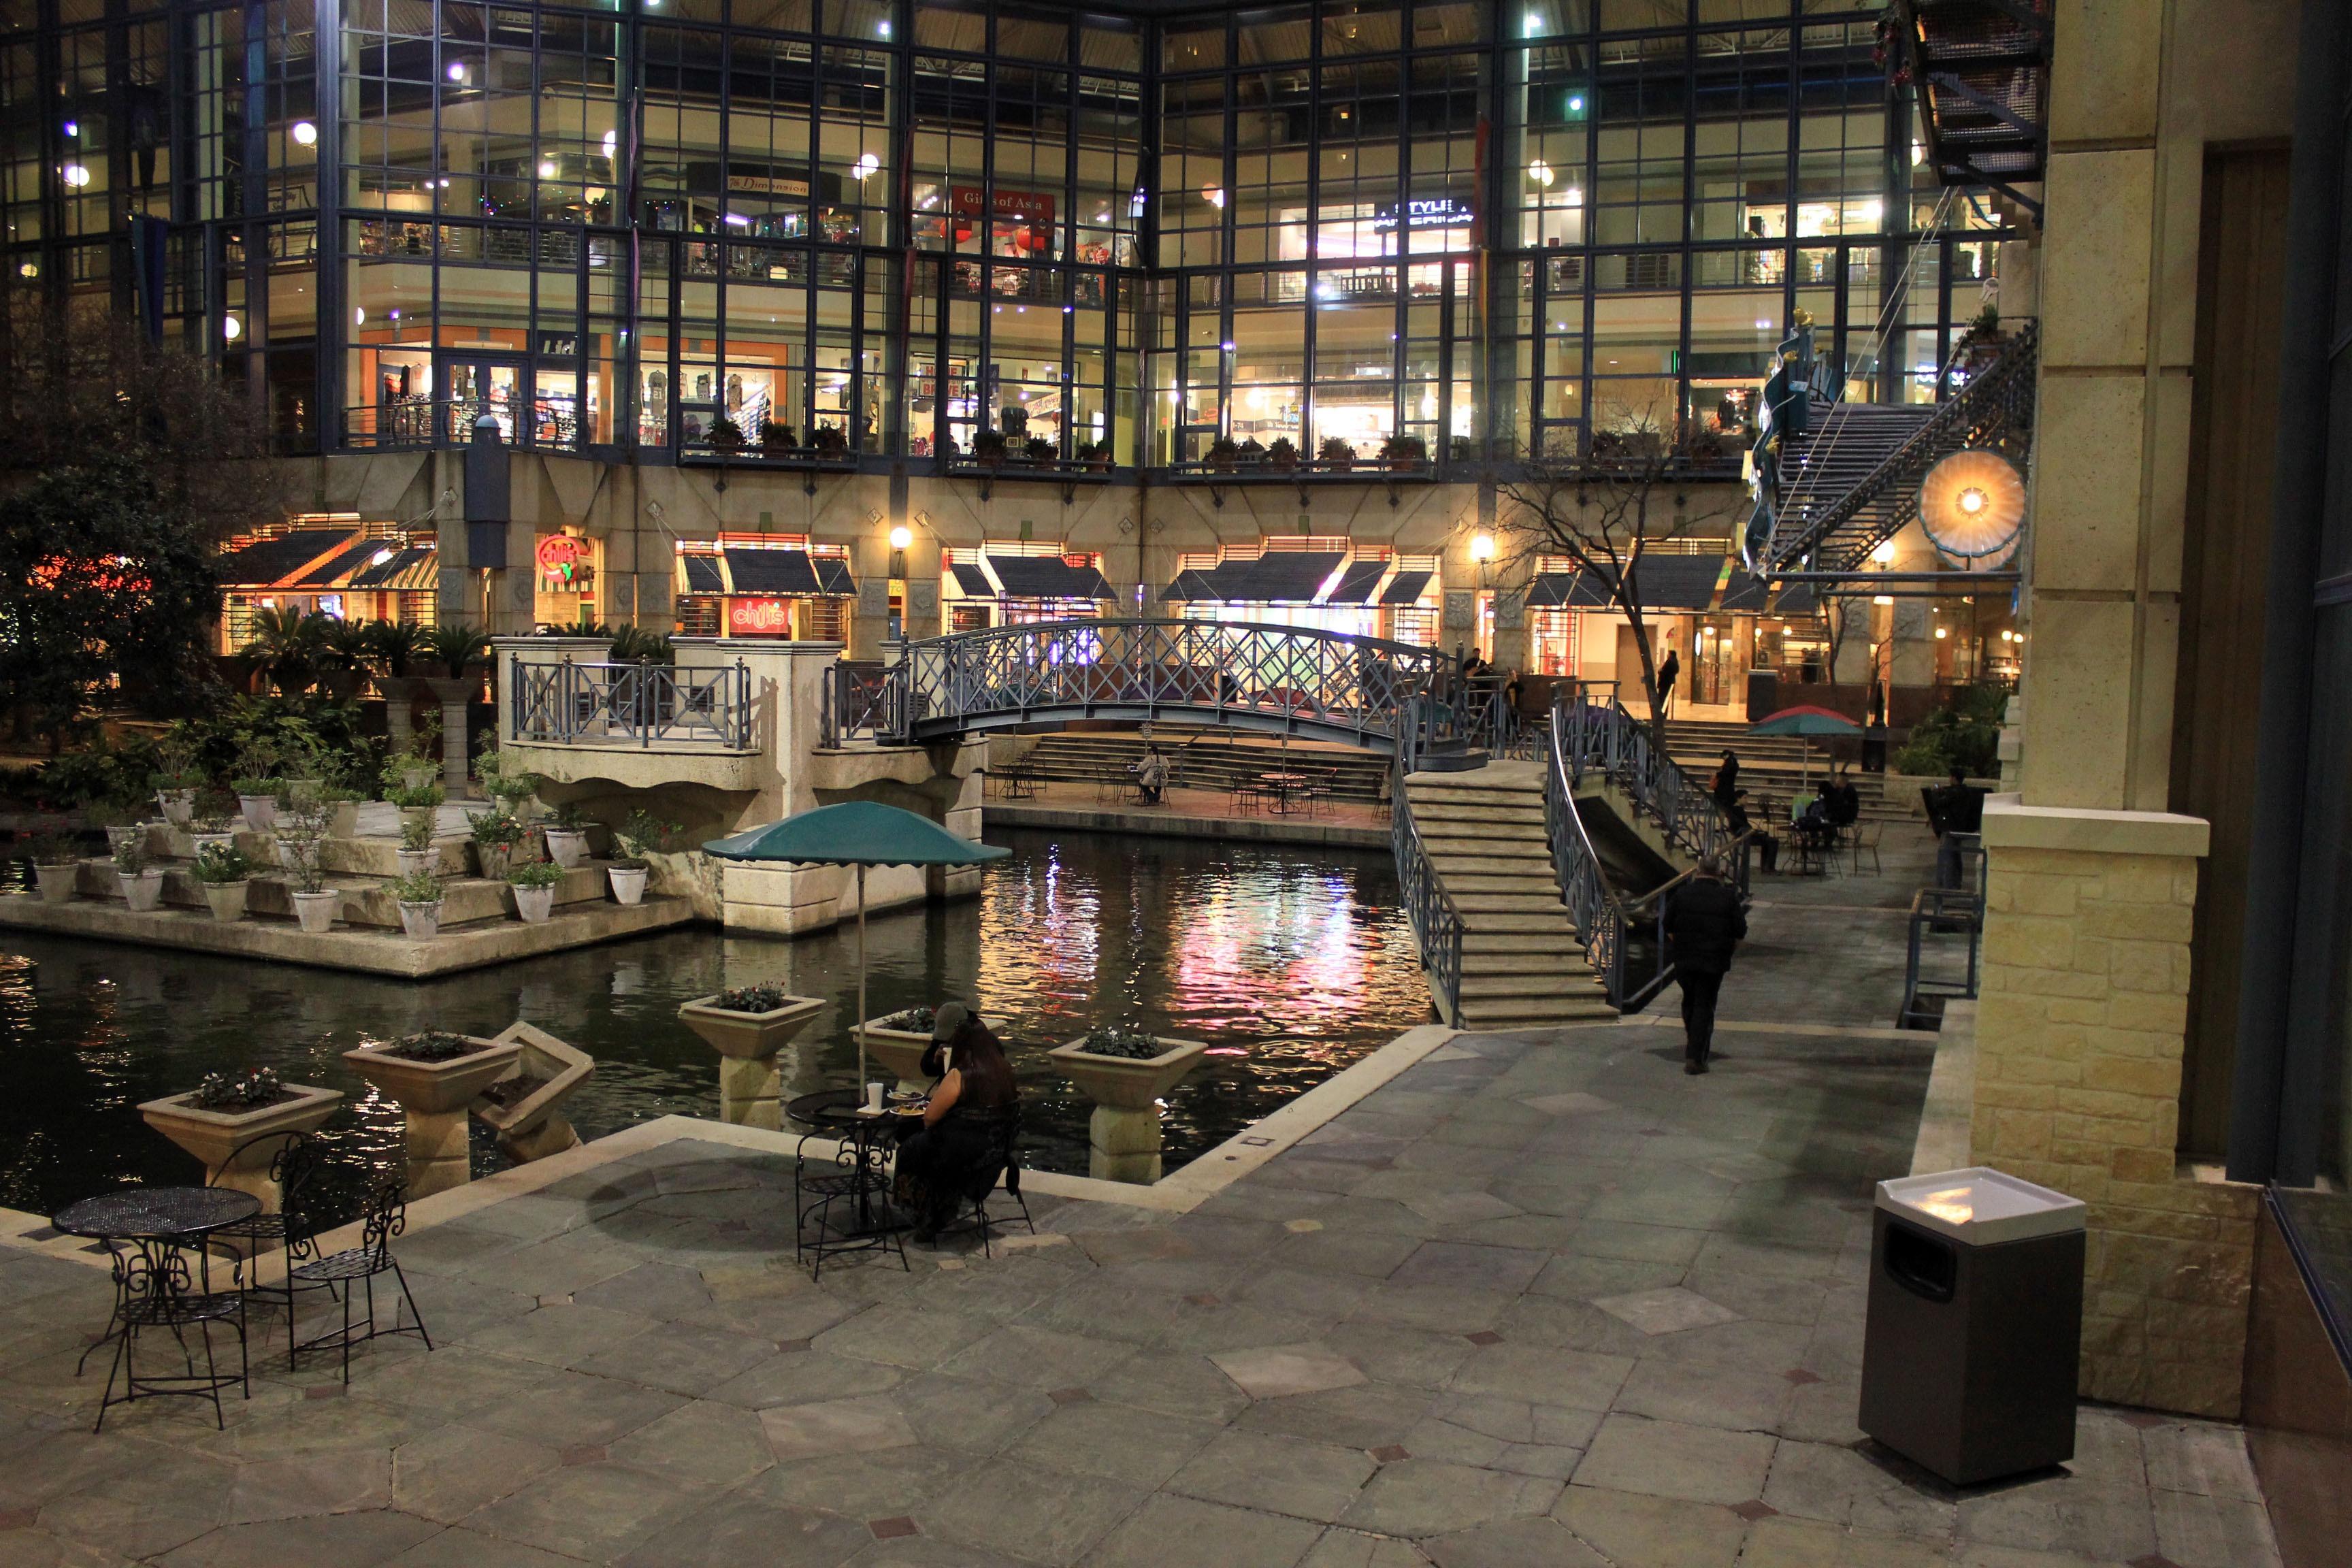 kostenlose foto : nacht-, gebäude, restaurant, plaza, usa, Innenarchitektur ideen